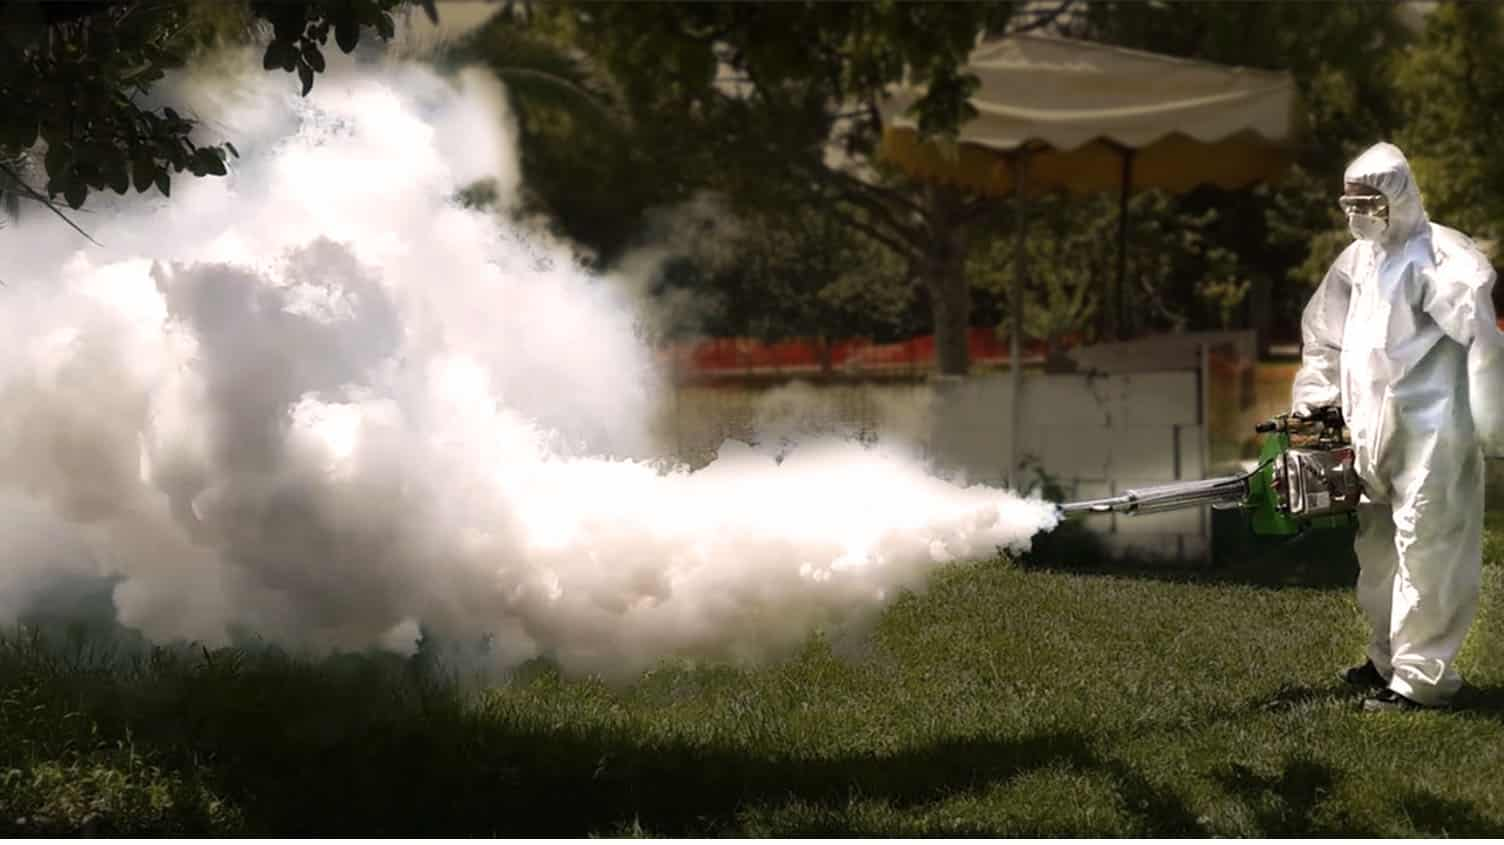 termonebulizador fumigación - Plagas&Control